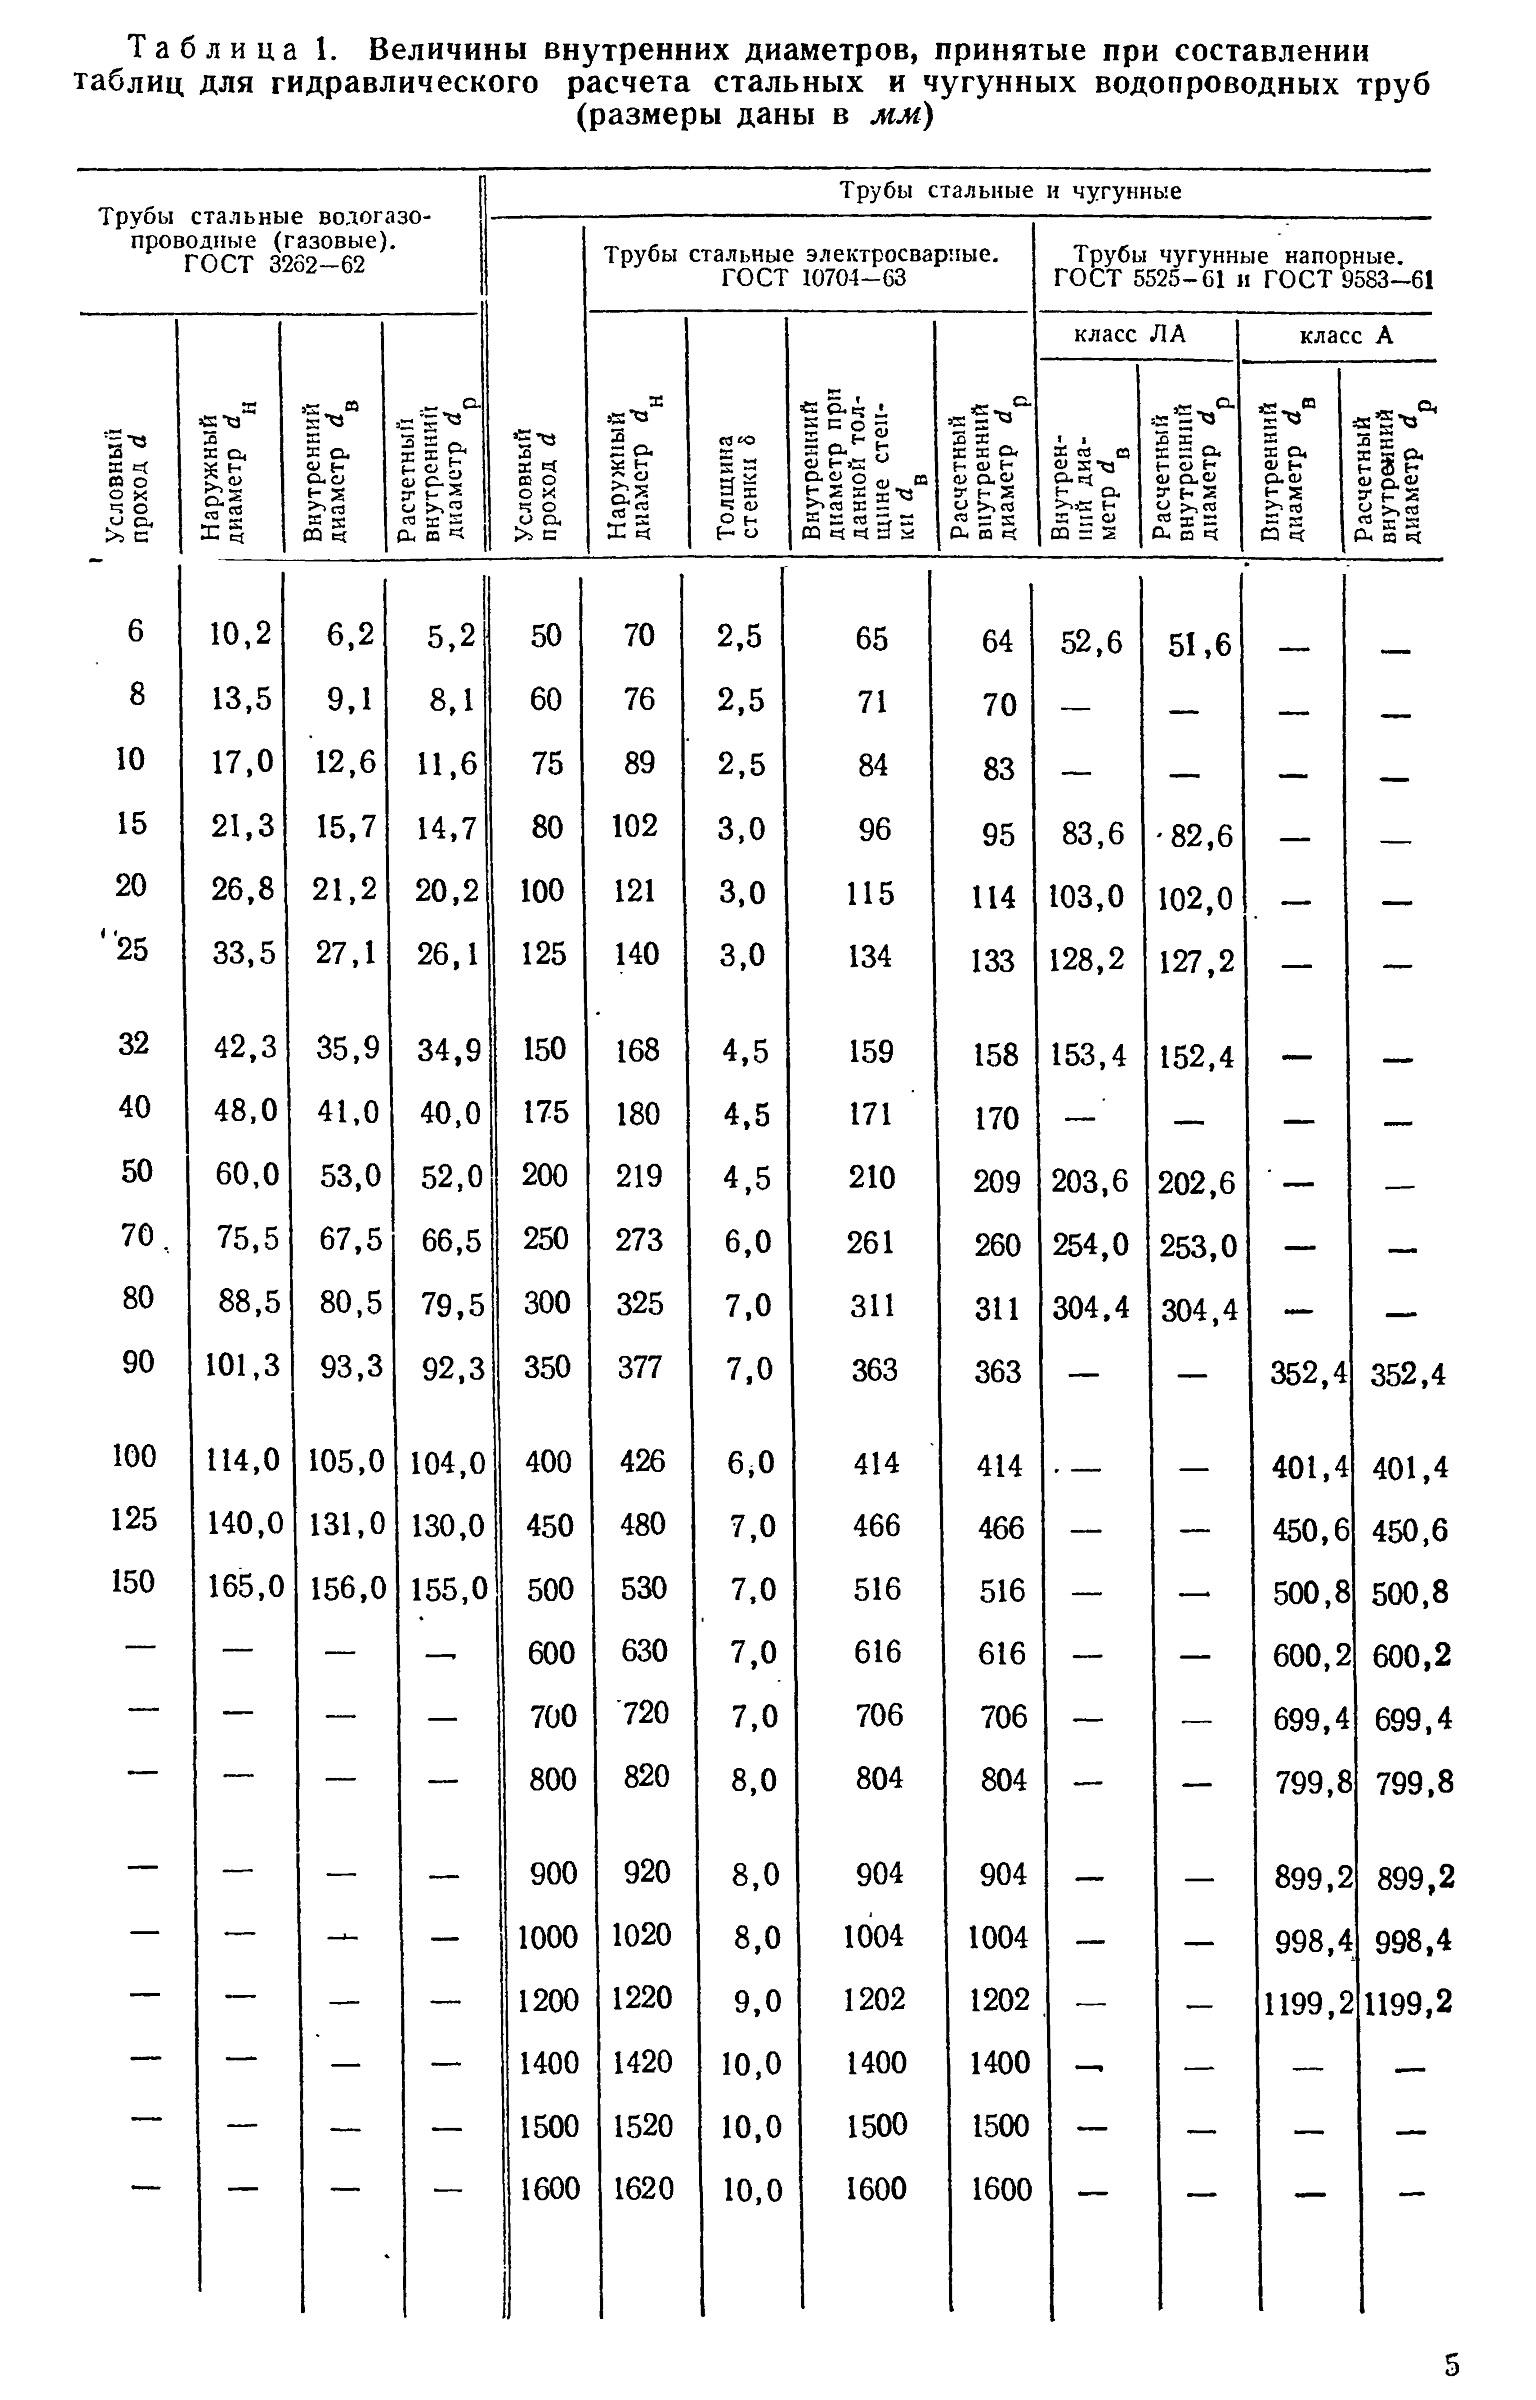 Таблица величин внутренних диаметров трубопровода